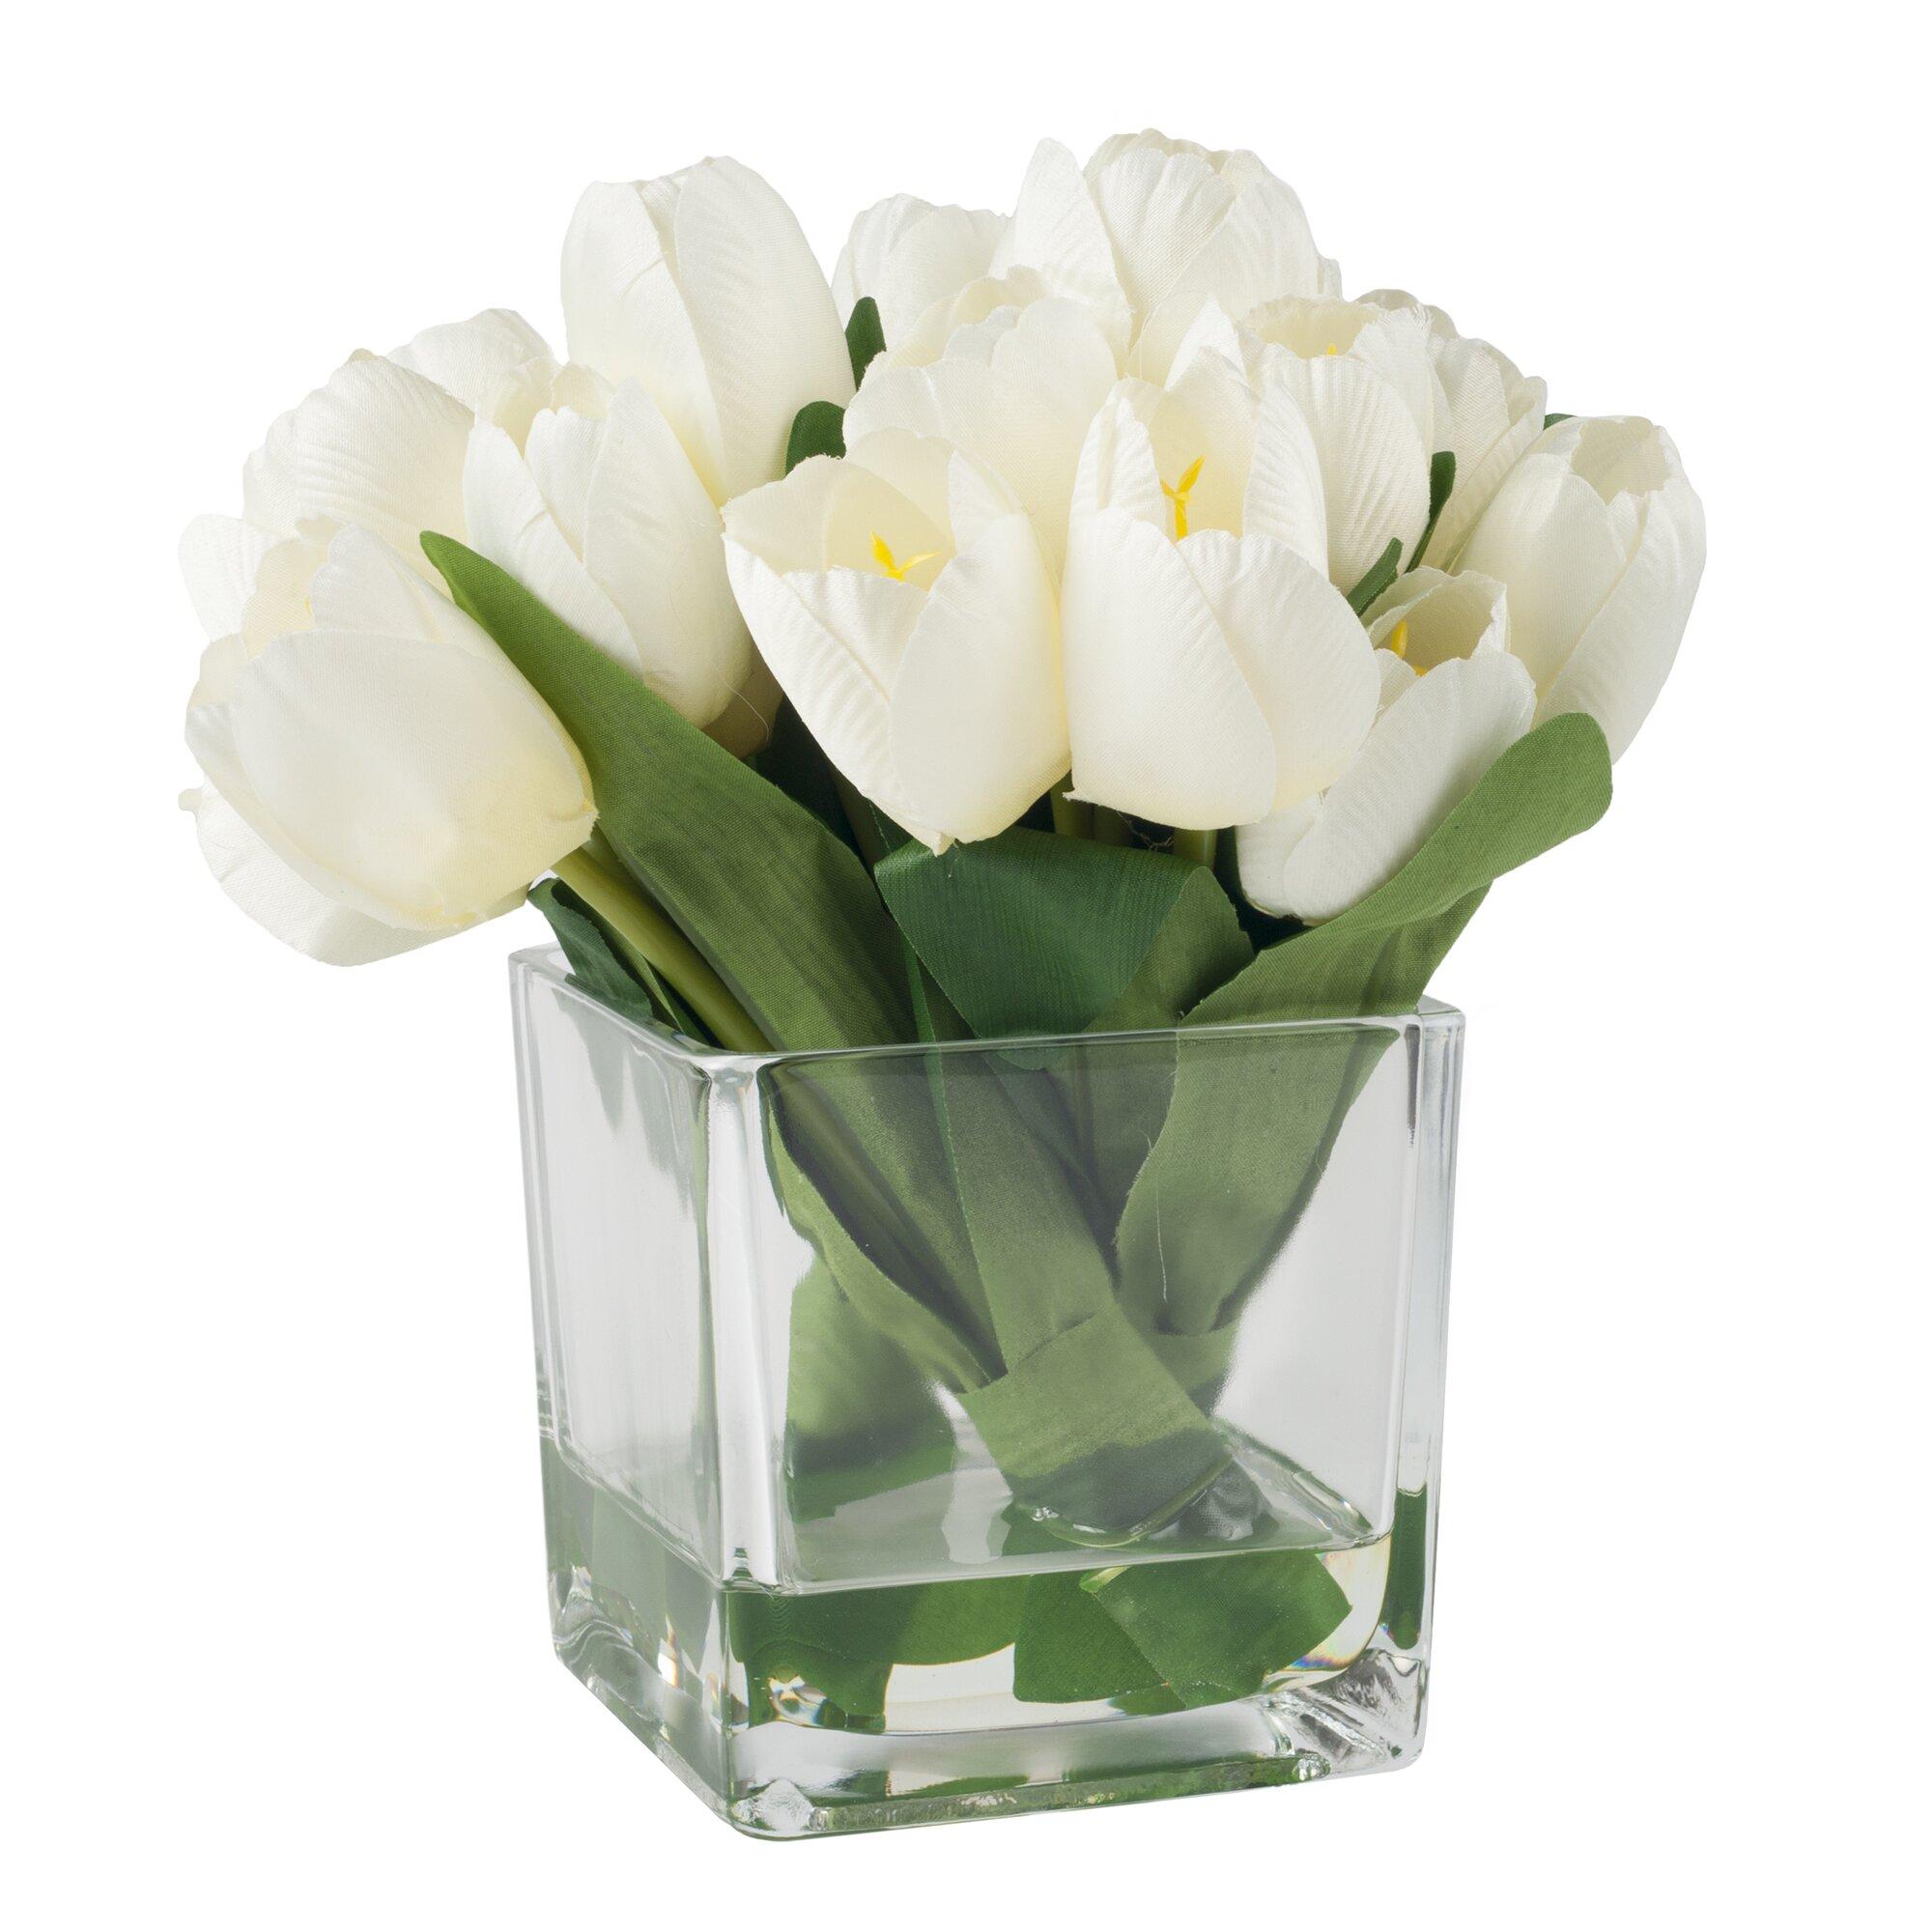 Pure Garden Tulip Arrangement In Glass Vase Amp Reviews